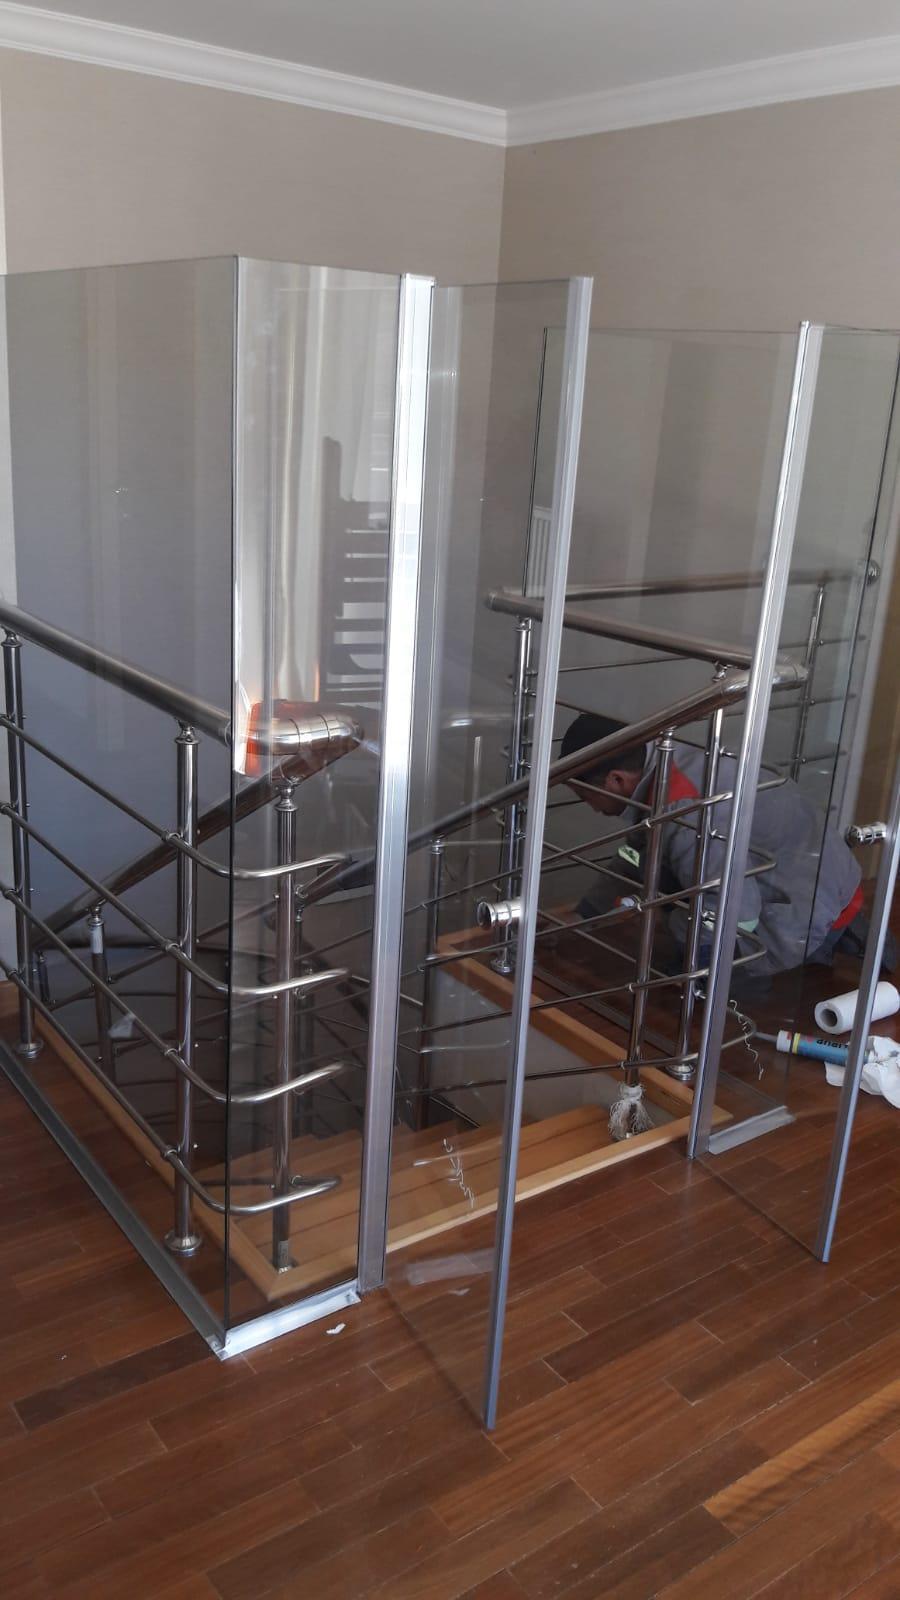 Efor Cam & Ayna - Merdiven Kenarı Cam İşlerimiz